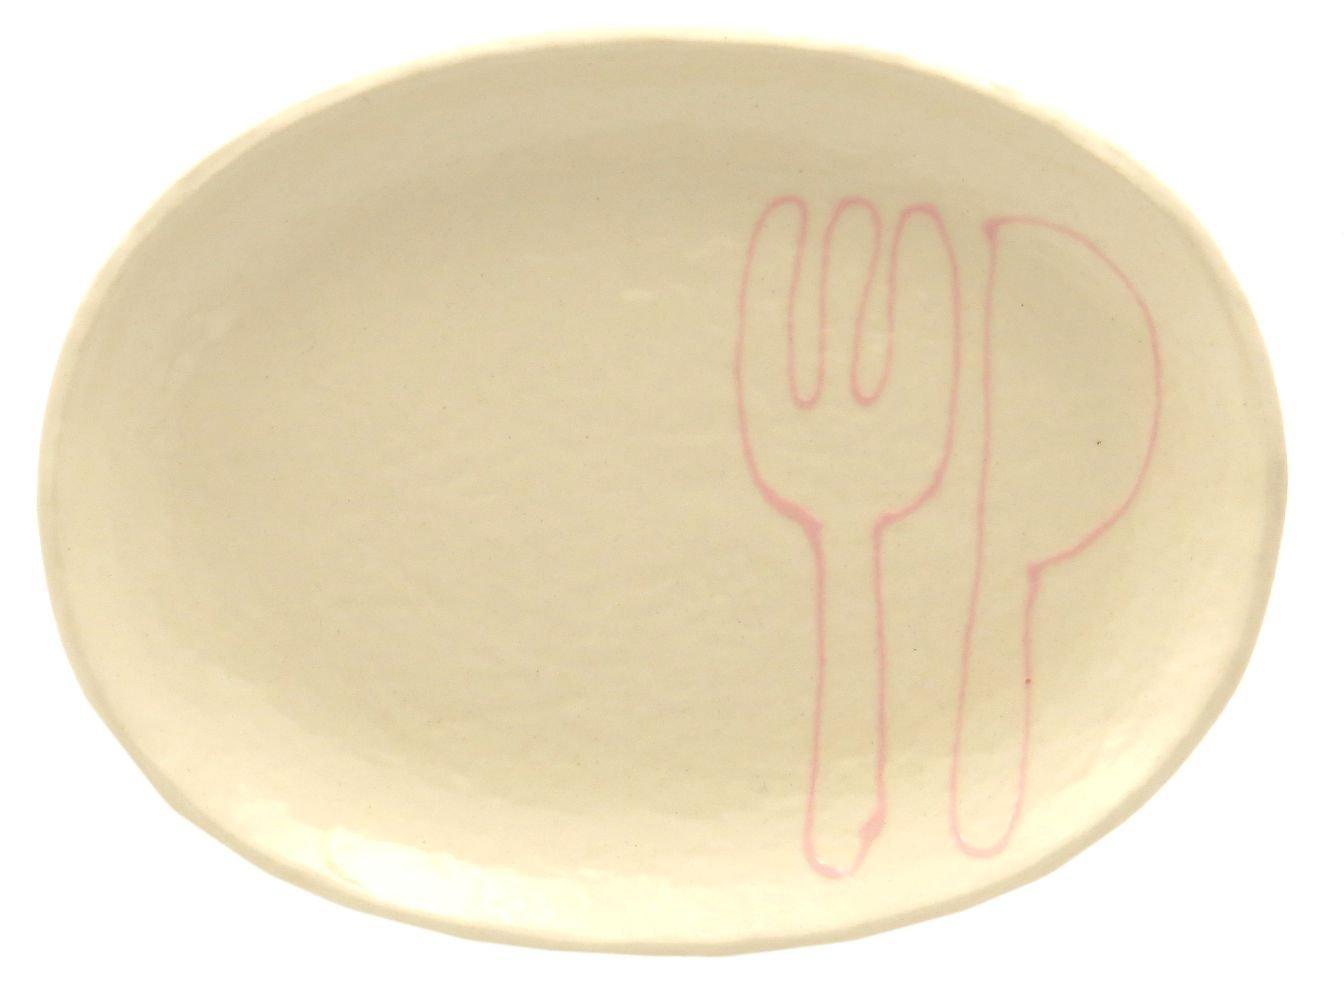 18cmの取り皿に使える楕円皿 3サイズの真ん中のお皿【楕円皿中(フォーク&ナイフピンク)】